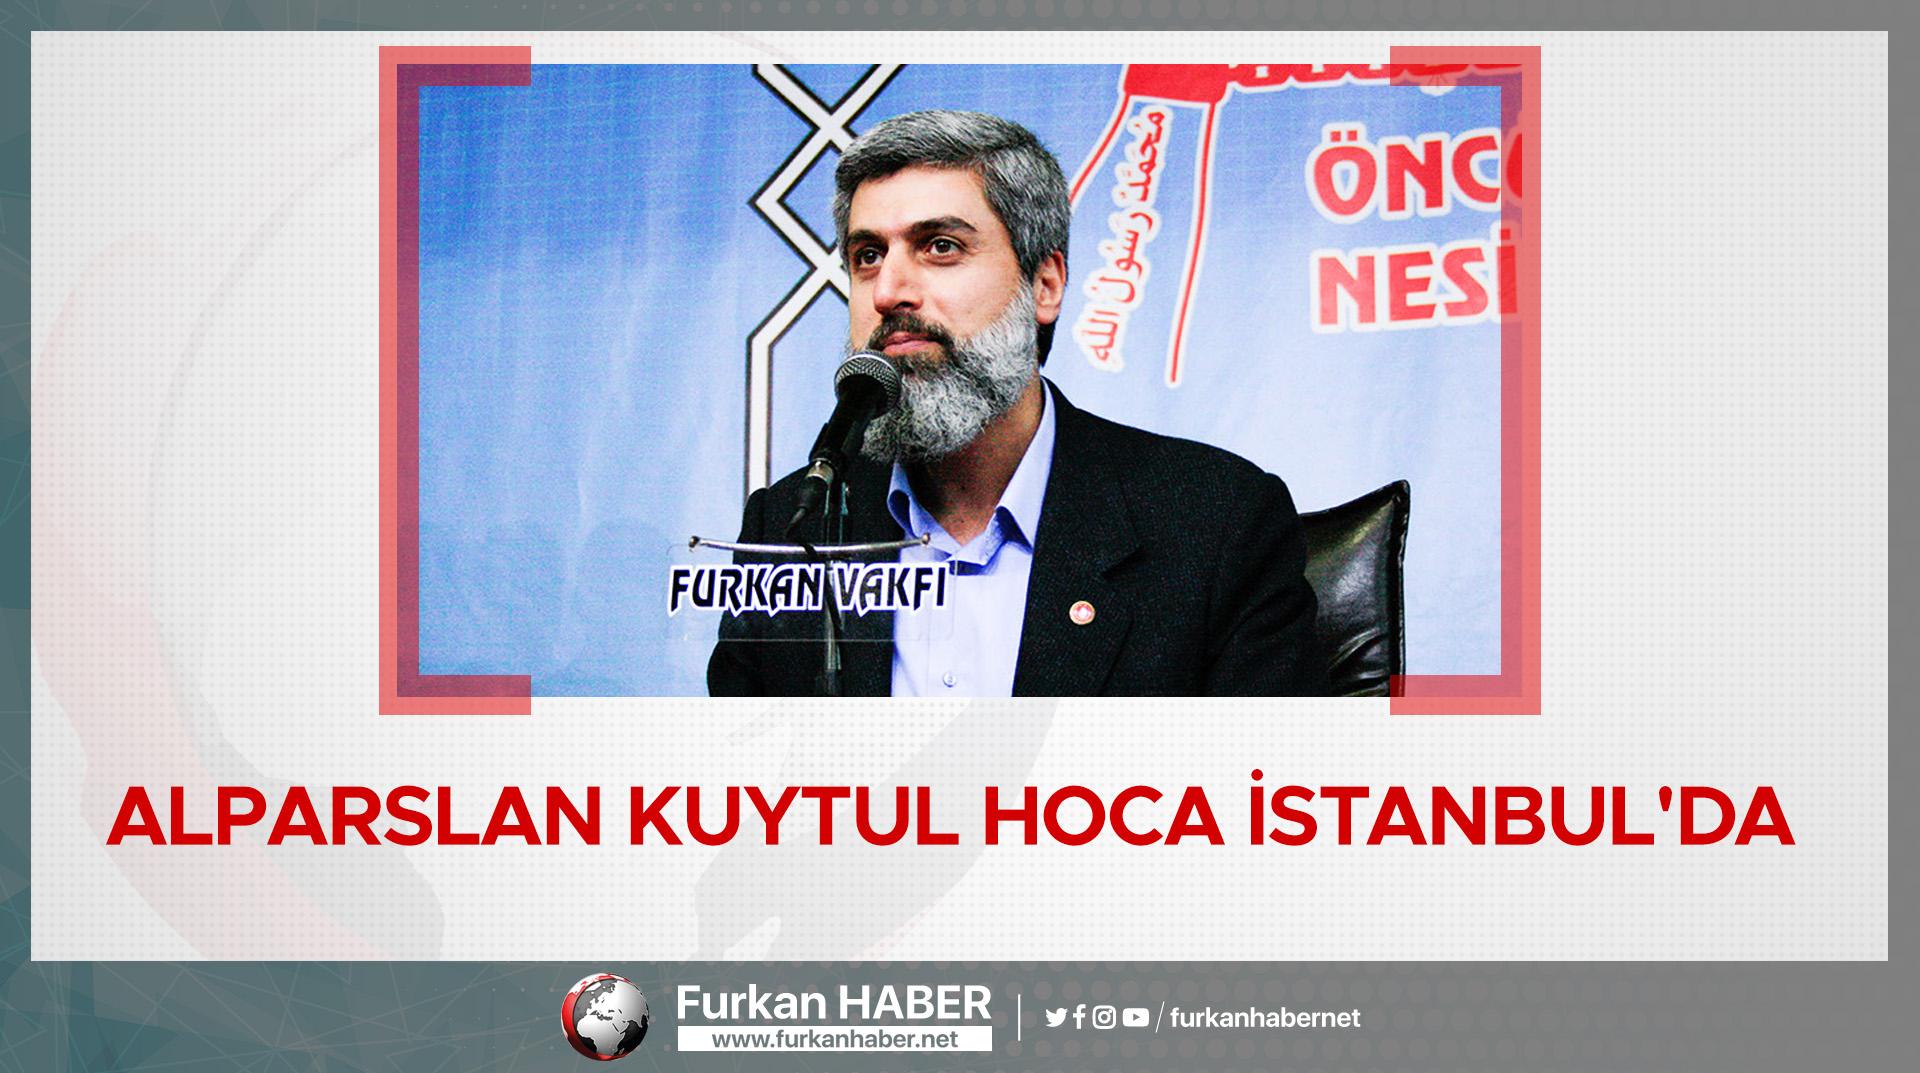 Alparslan Kuytul Hoca İstanbul'da